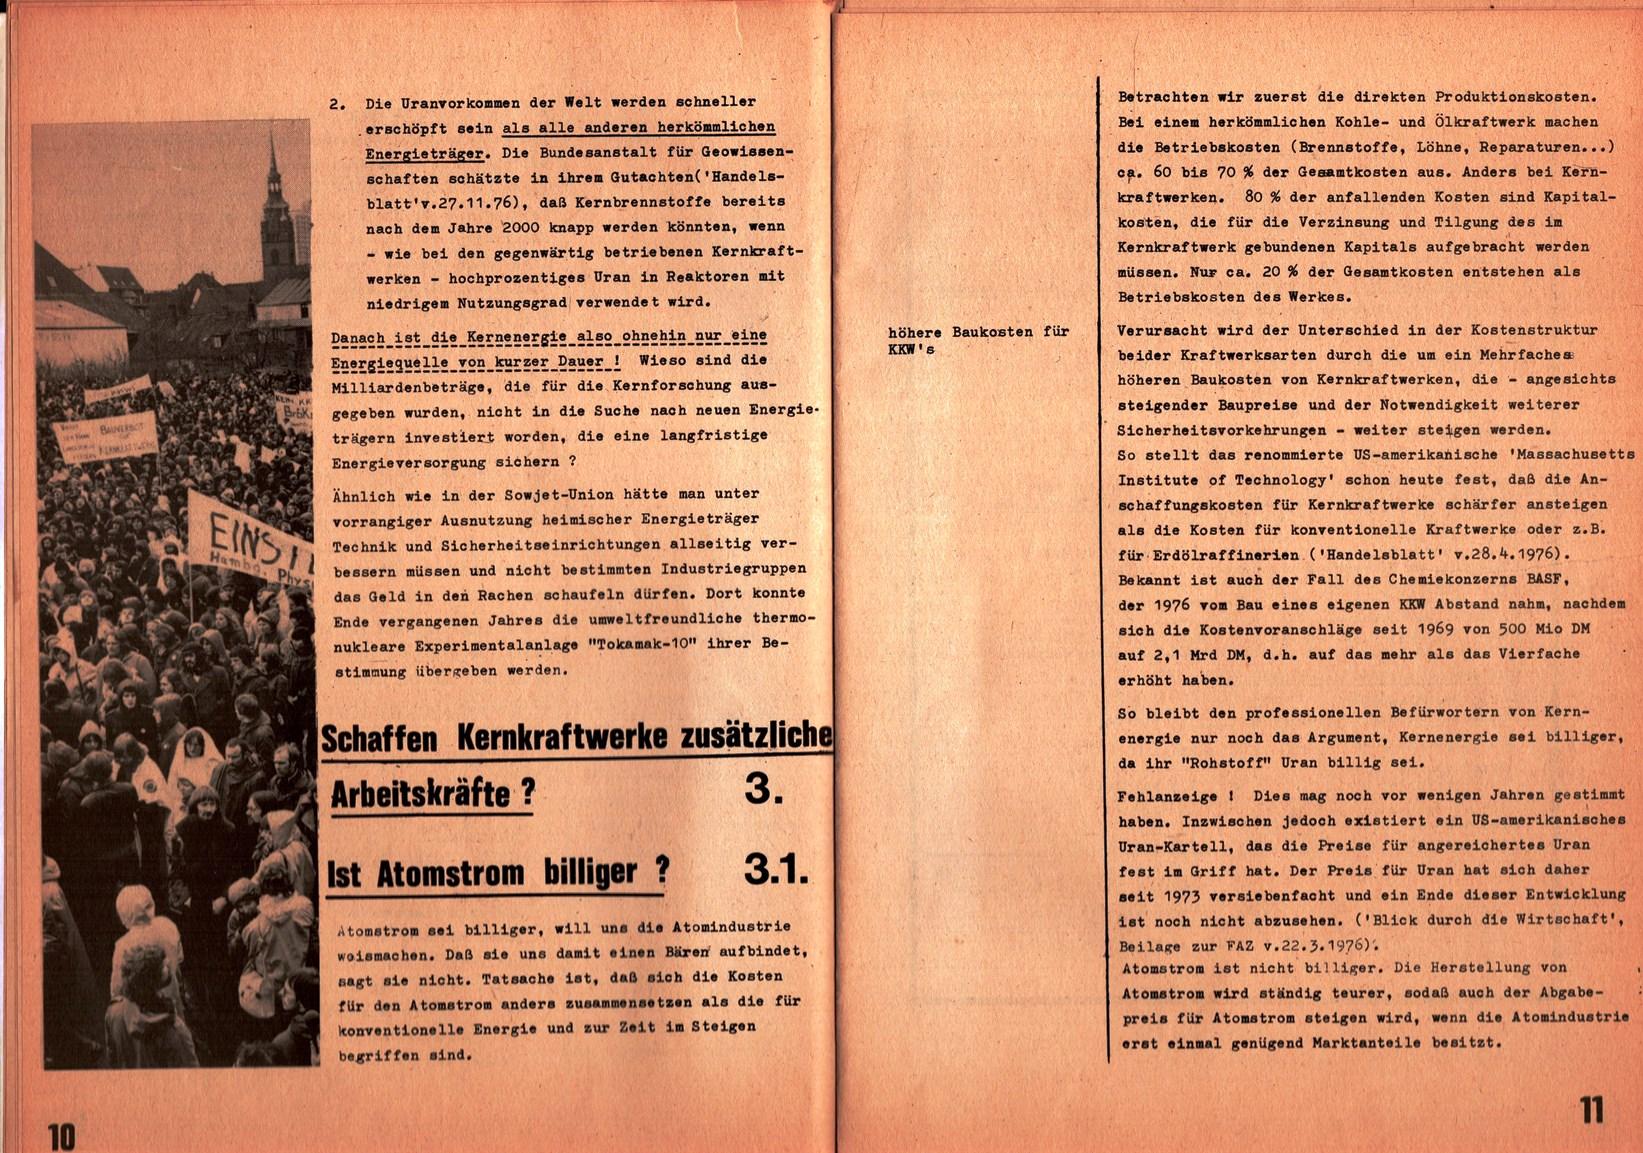 Hamburg_DKP_19770000_007